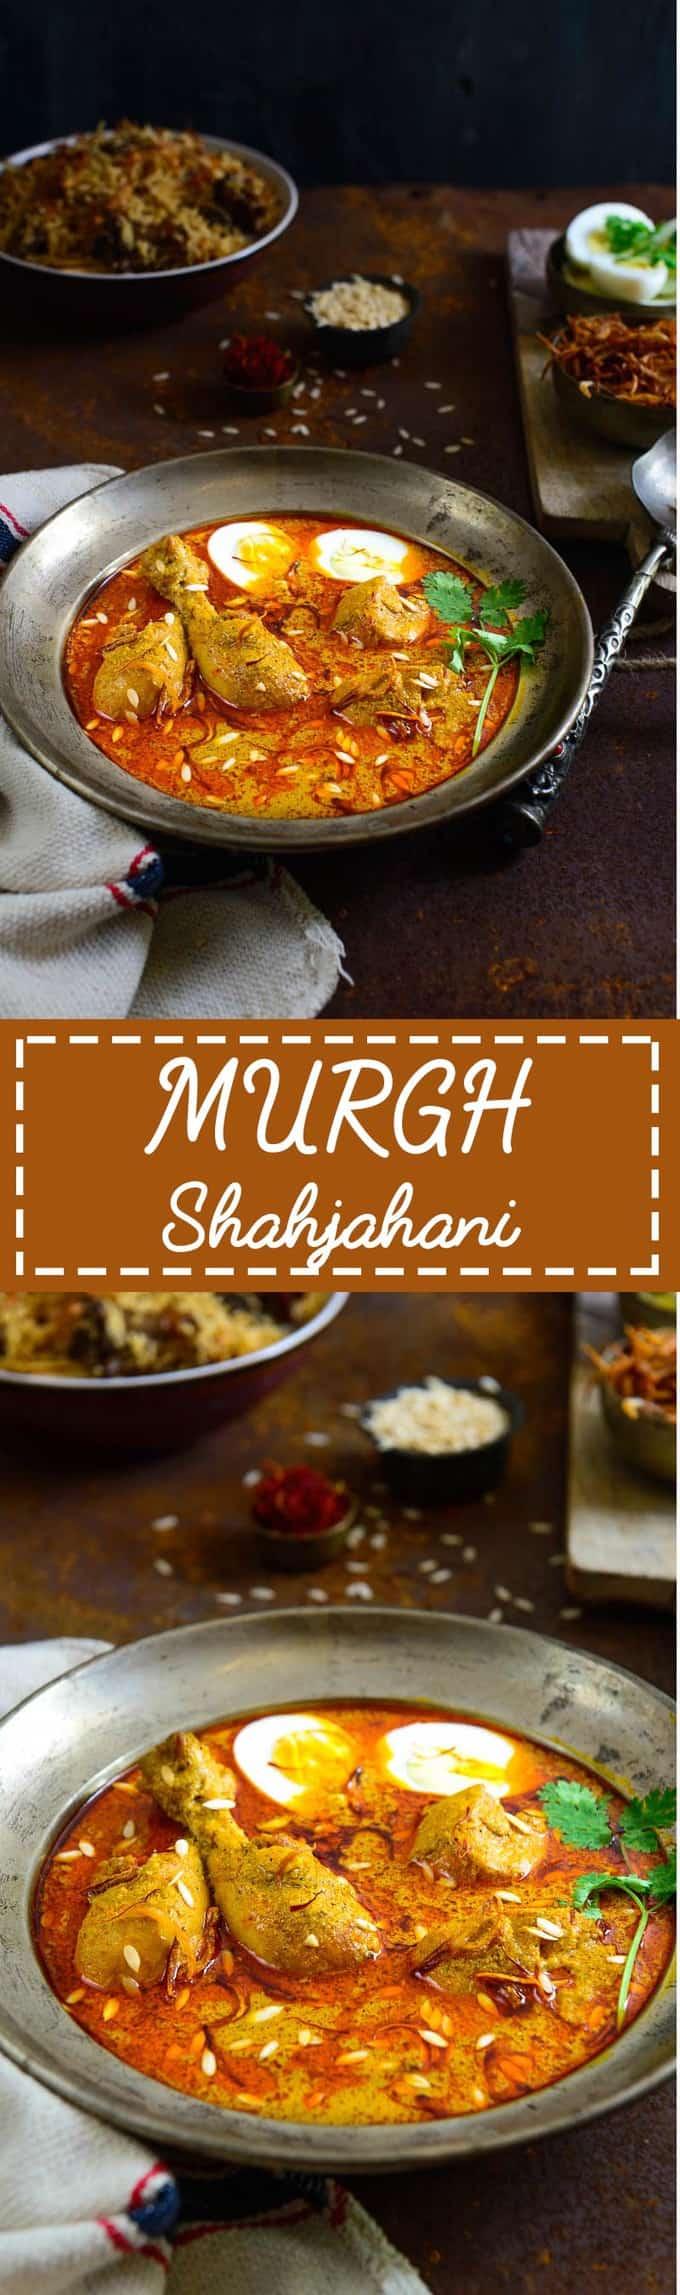 Murgh Shahjahani